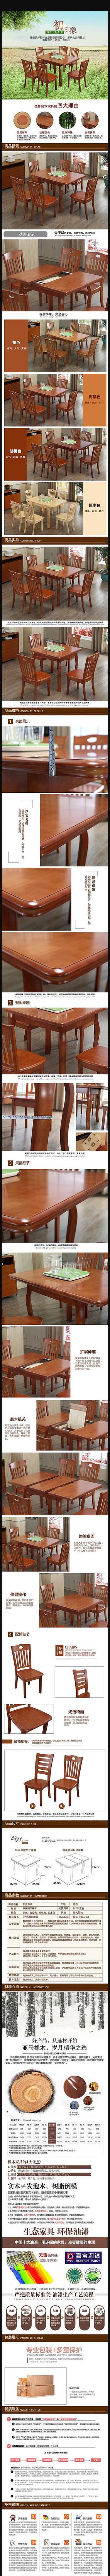 淘宝家具餐桌详情页模板